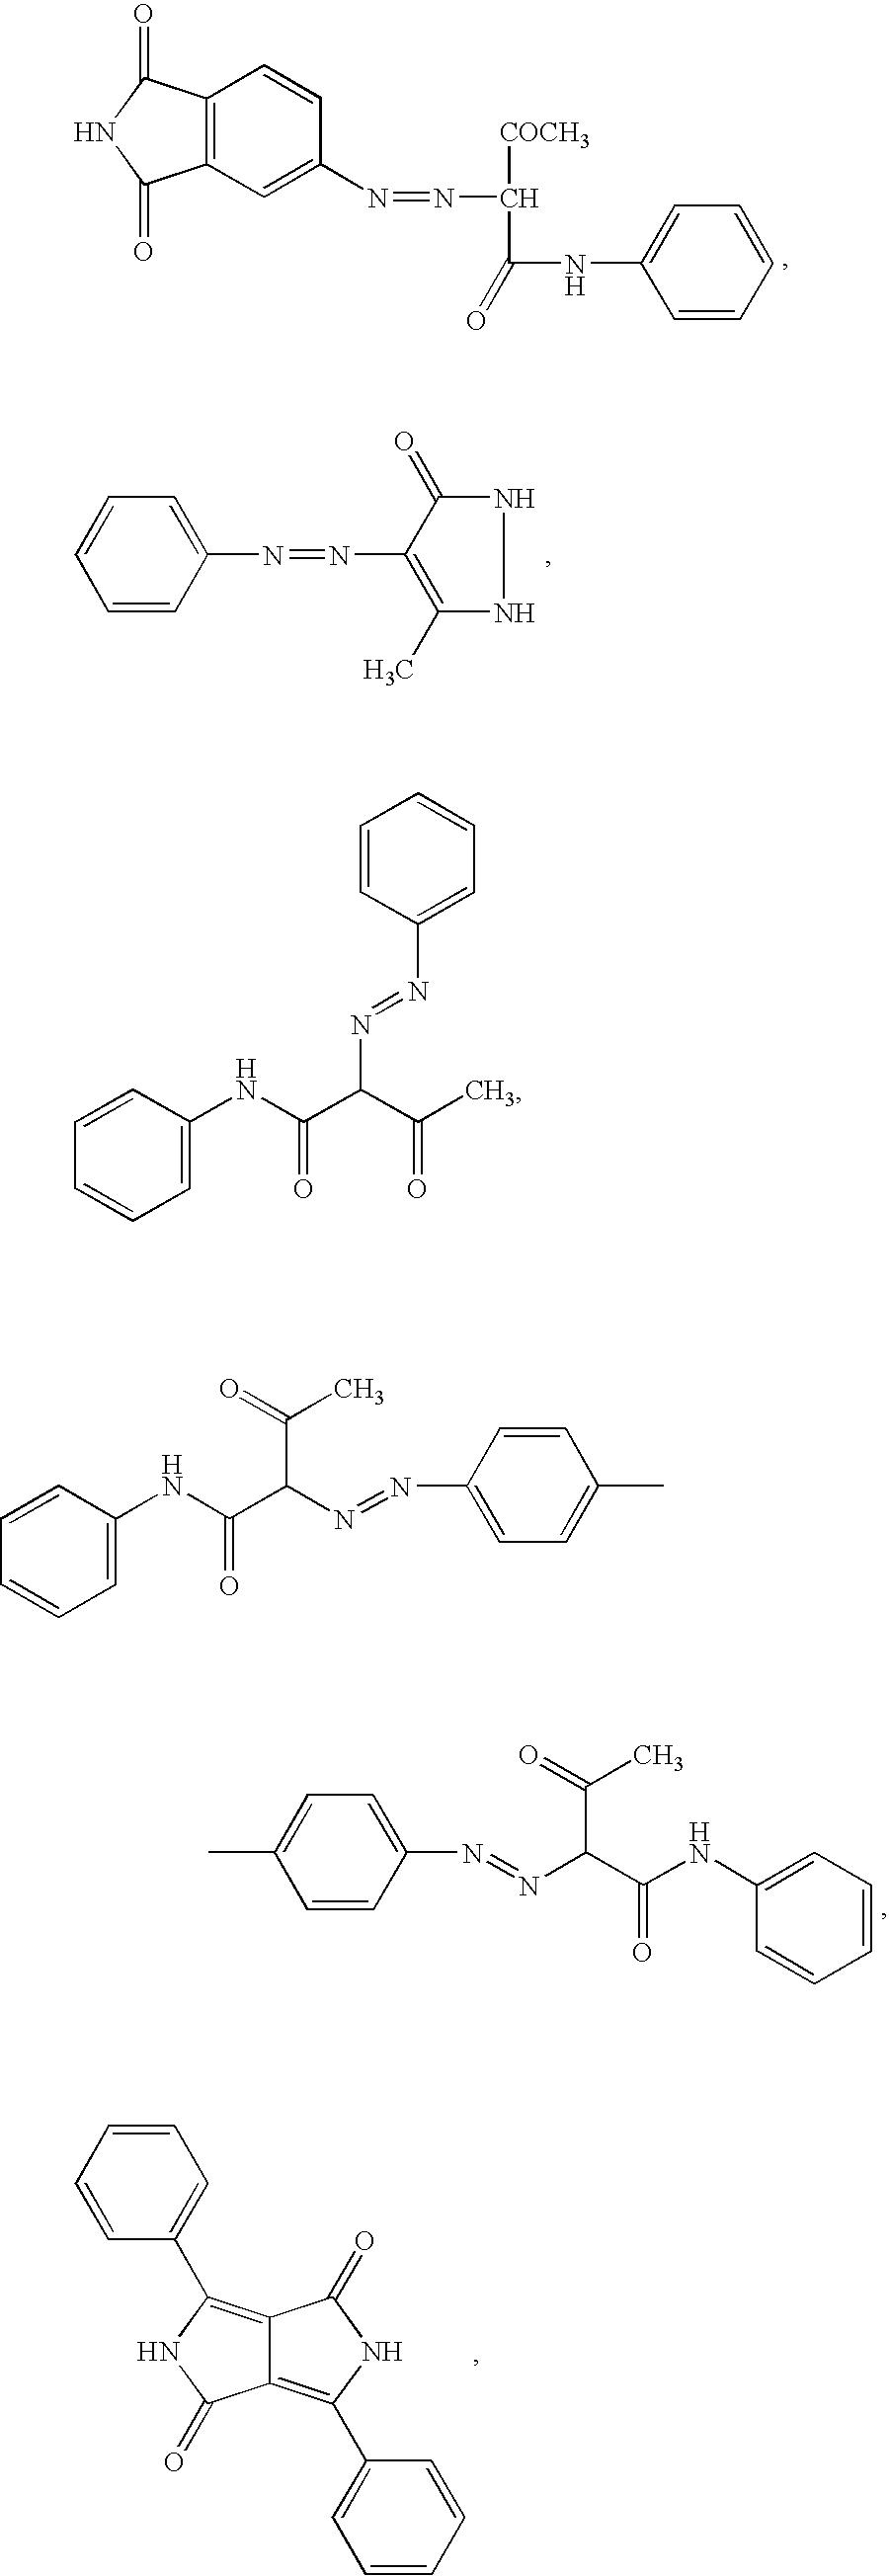 Figure US06645257-20031111-C00007